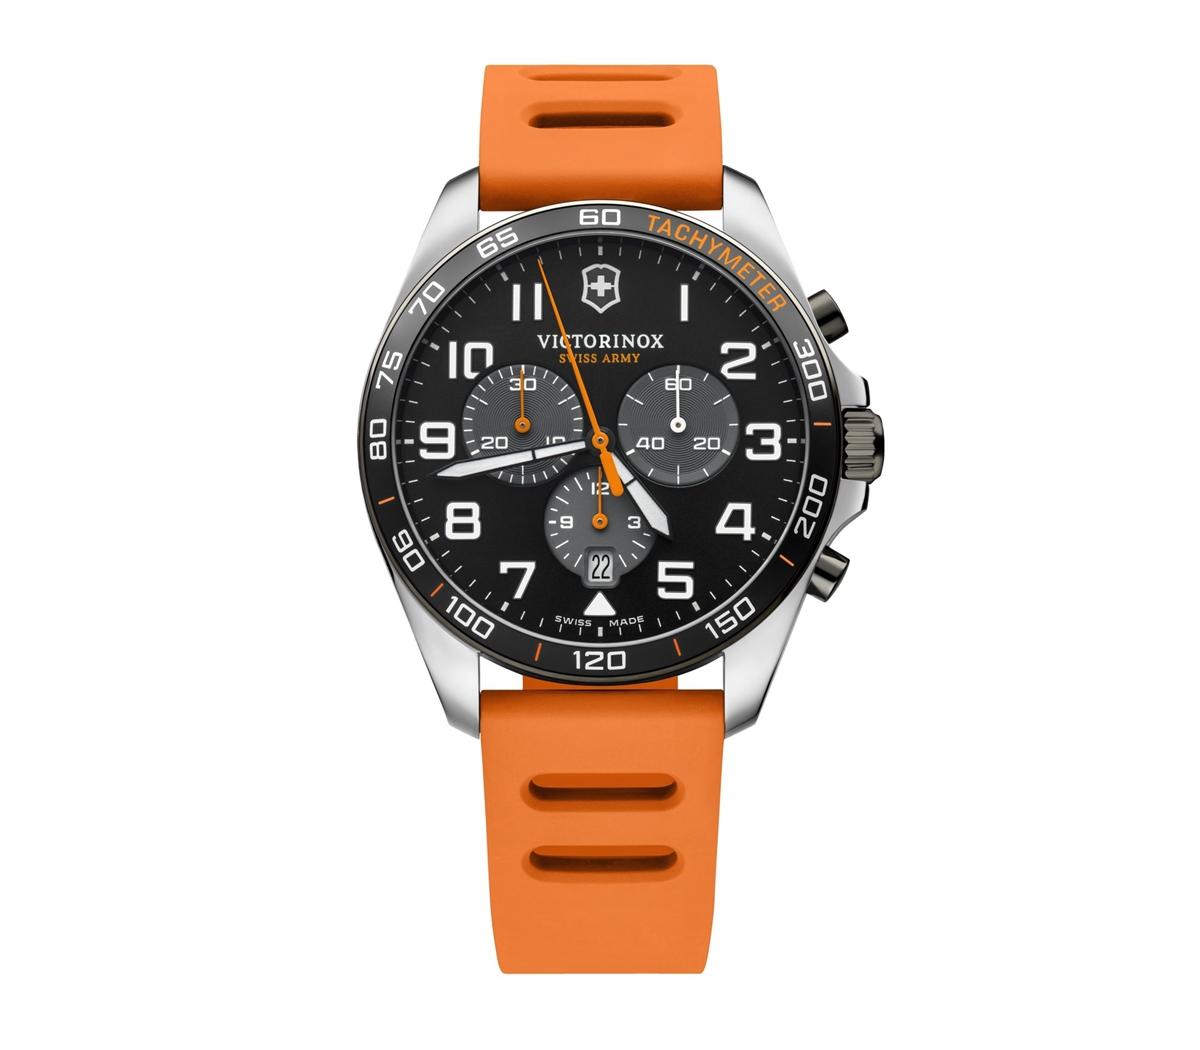 ビクトリノックス VICTORINOX 241893 フィールドフォース スポーツ クロノ 正規品 腕時計